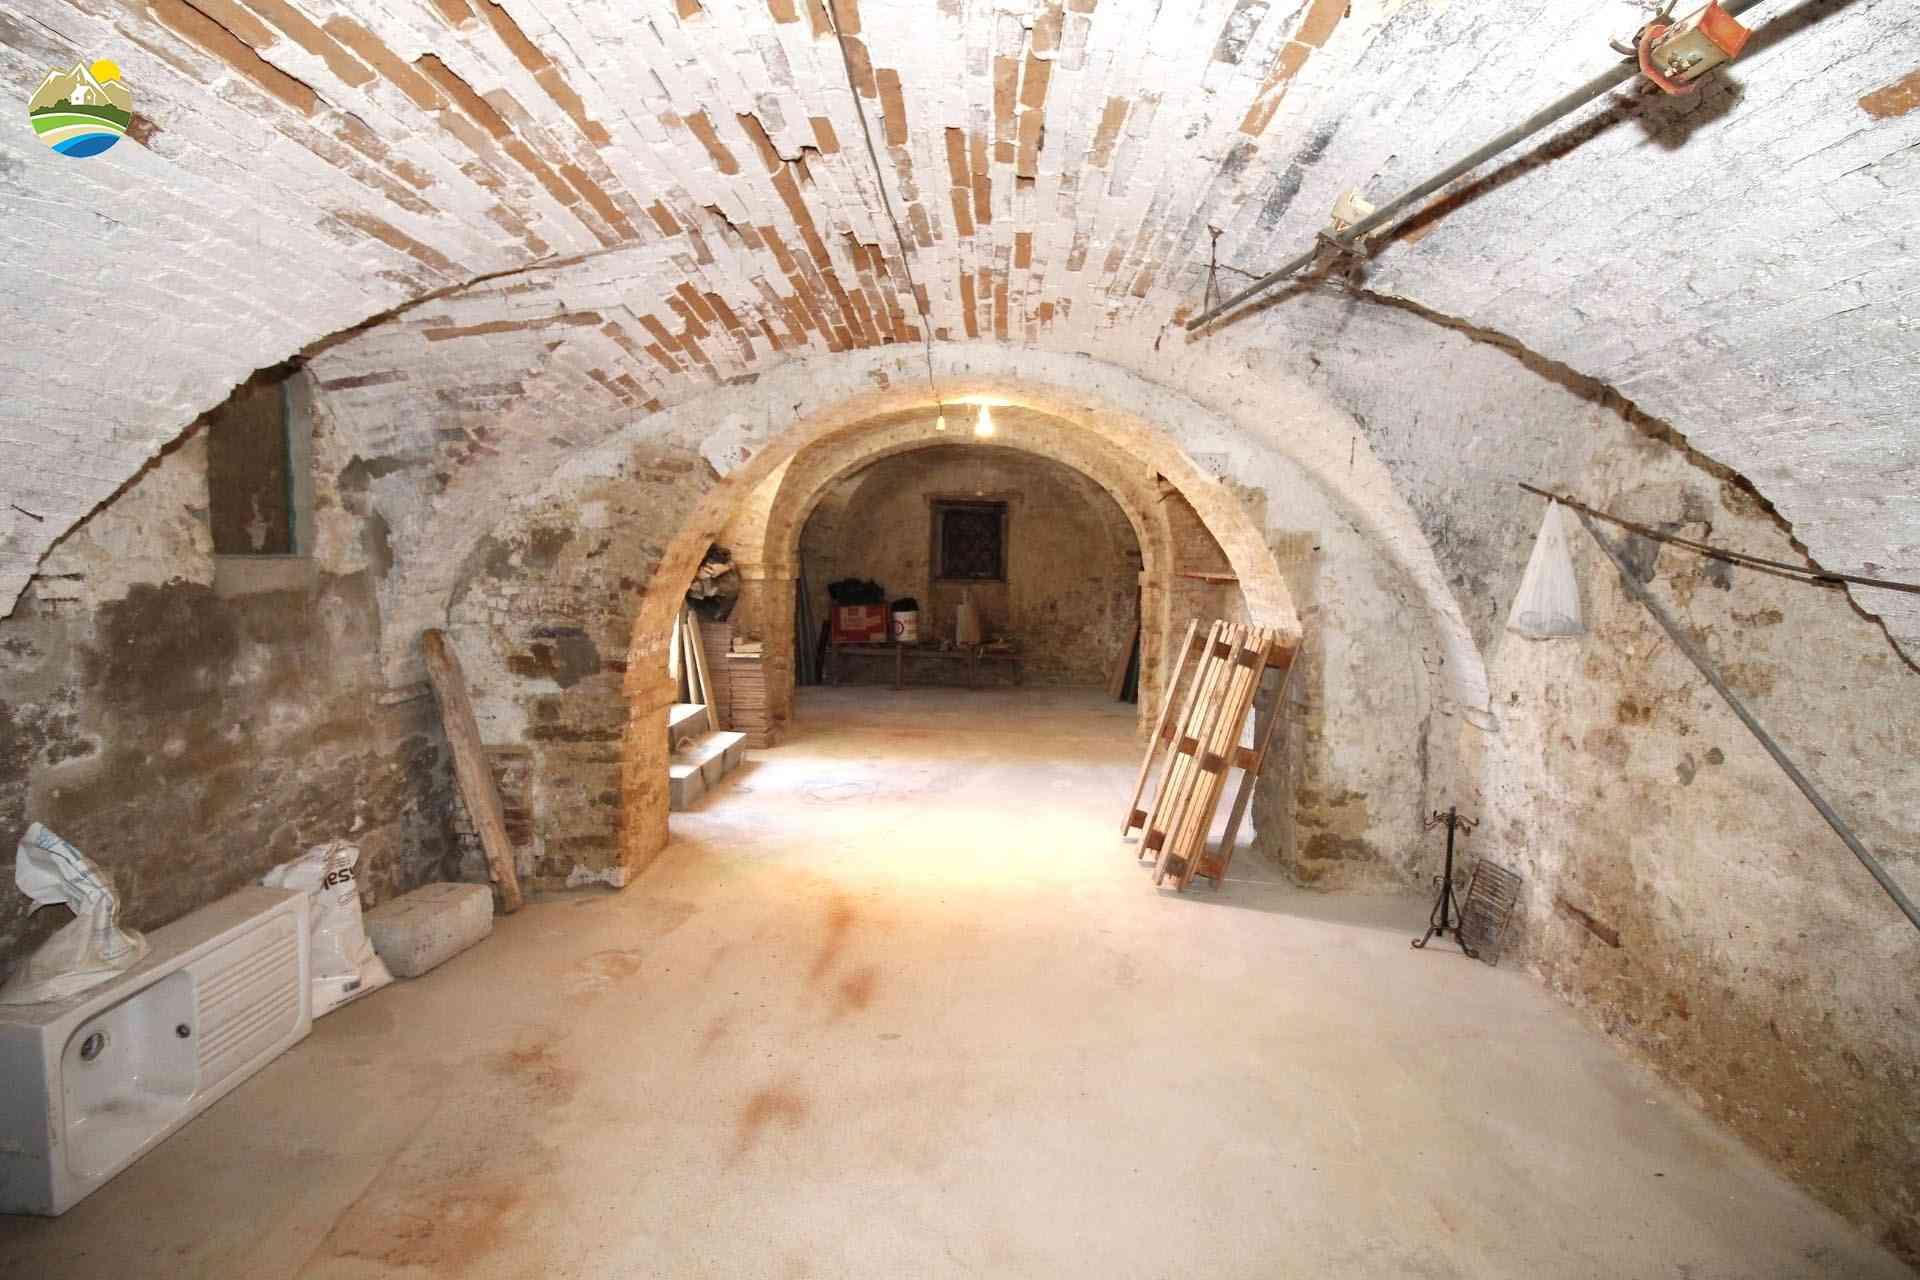 Casa in paese Casa delle Volte - Cellino Attanasio - EUR 58.195